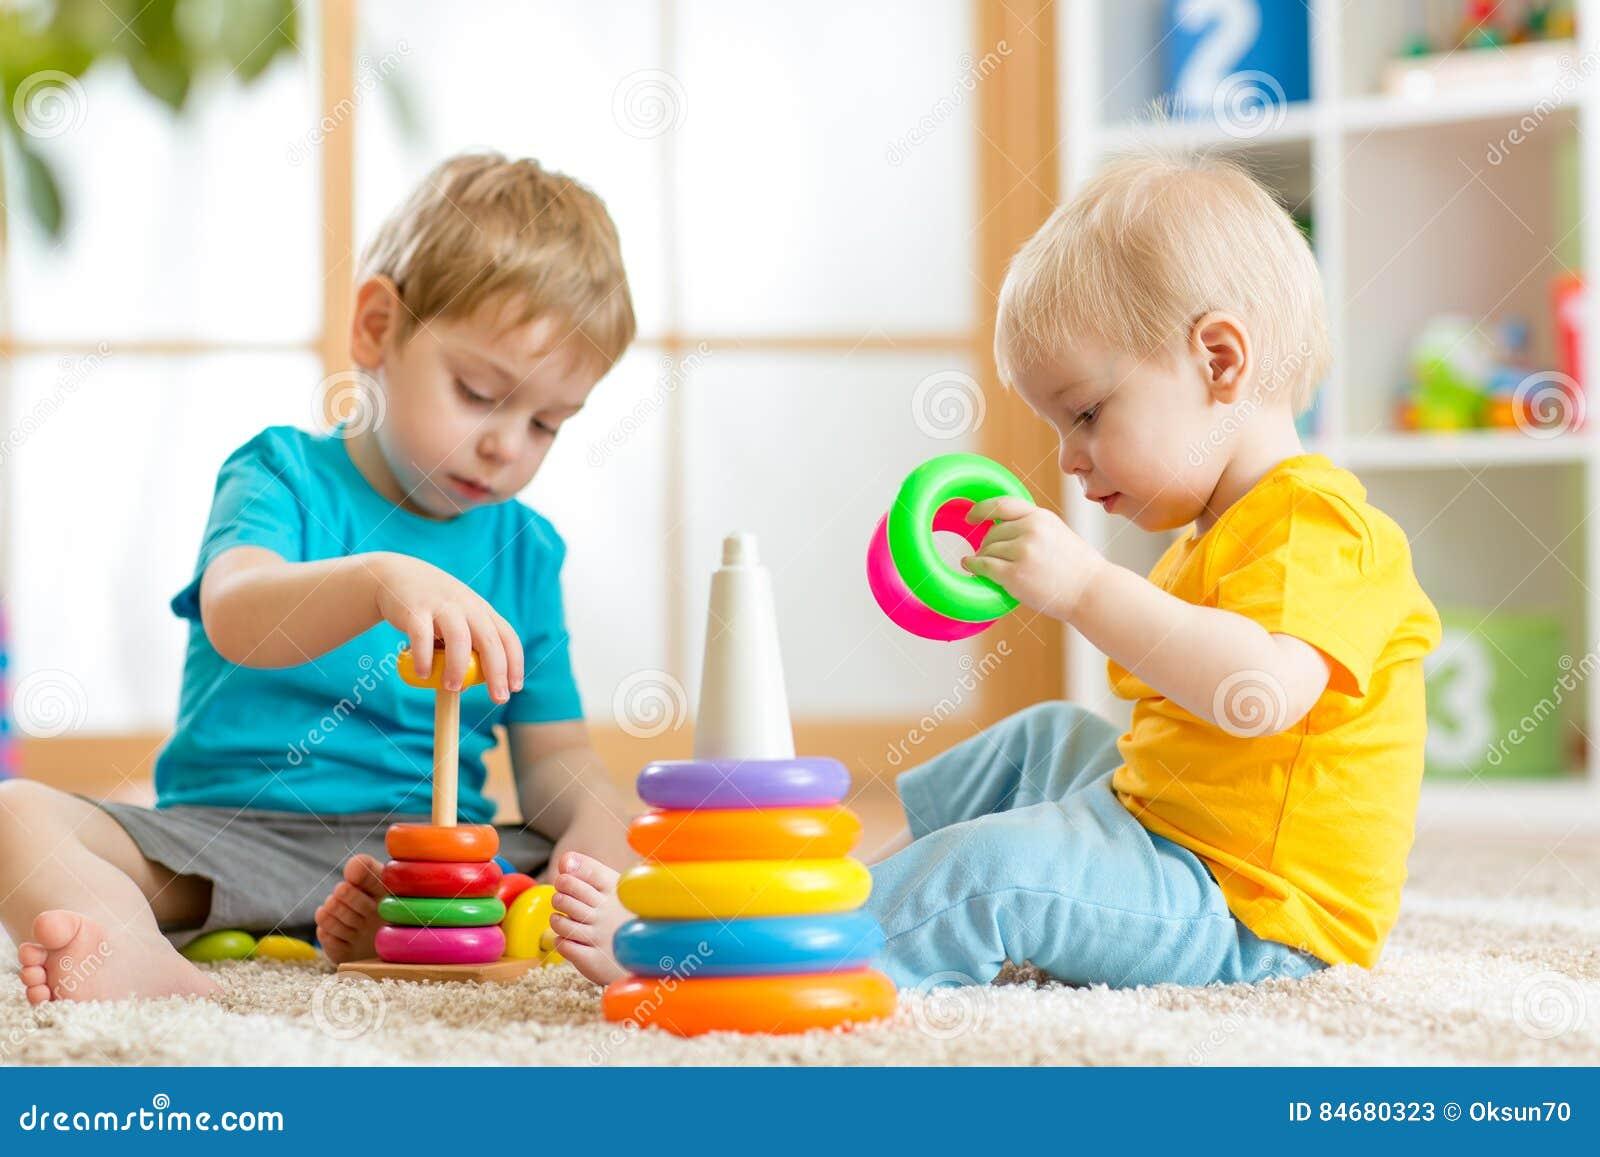 Dzieci bawić się wpólnie Berbecia dziecka i dzieciaka sztuka z blokami Edukacyjne zabawki dla preschool dziecina dziecka